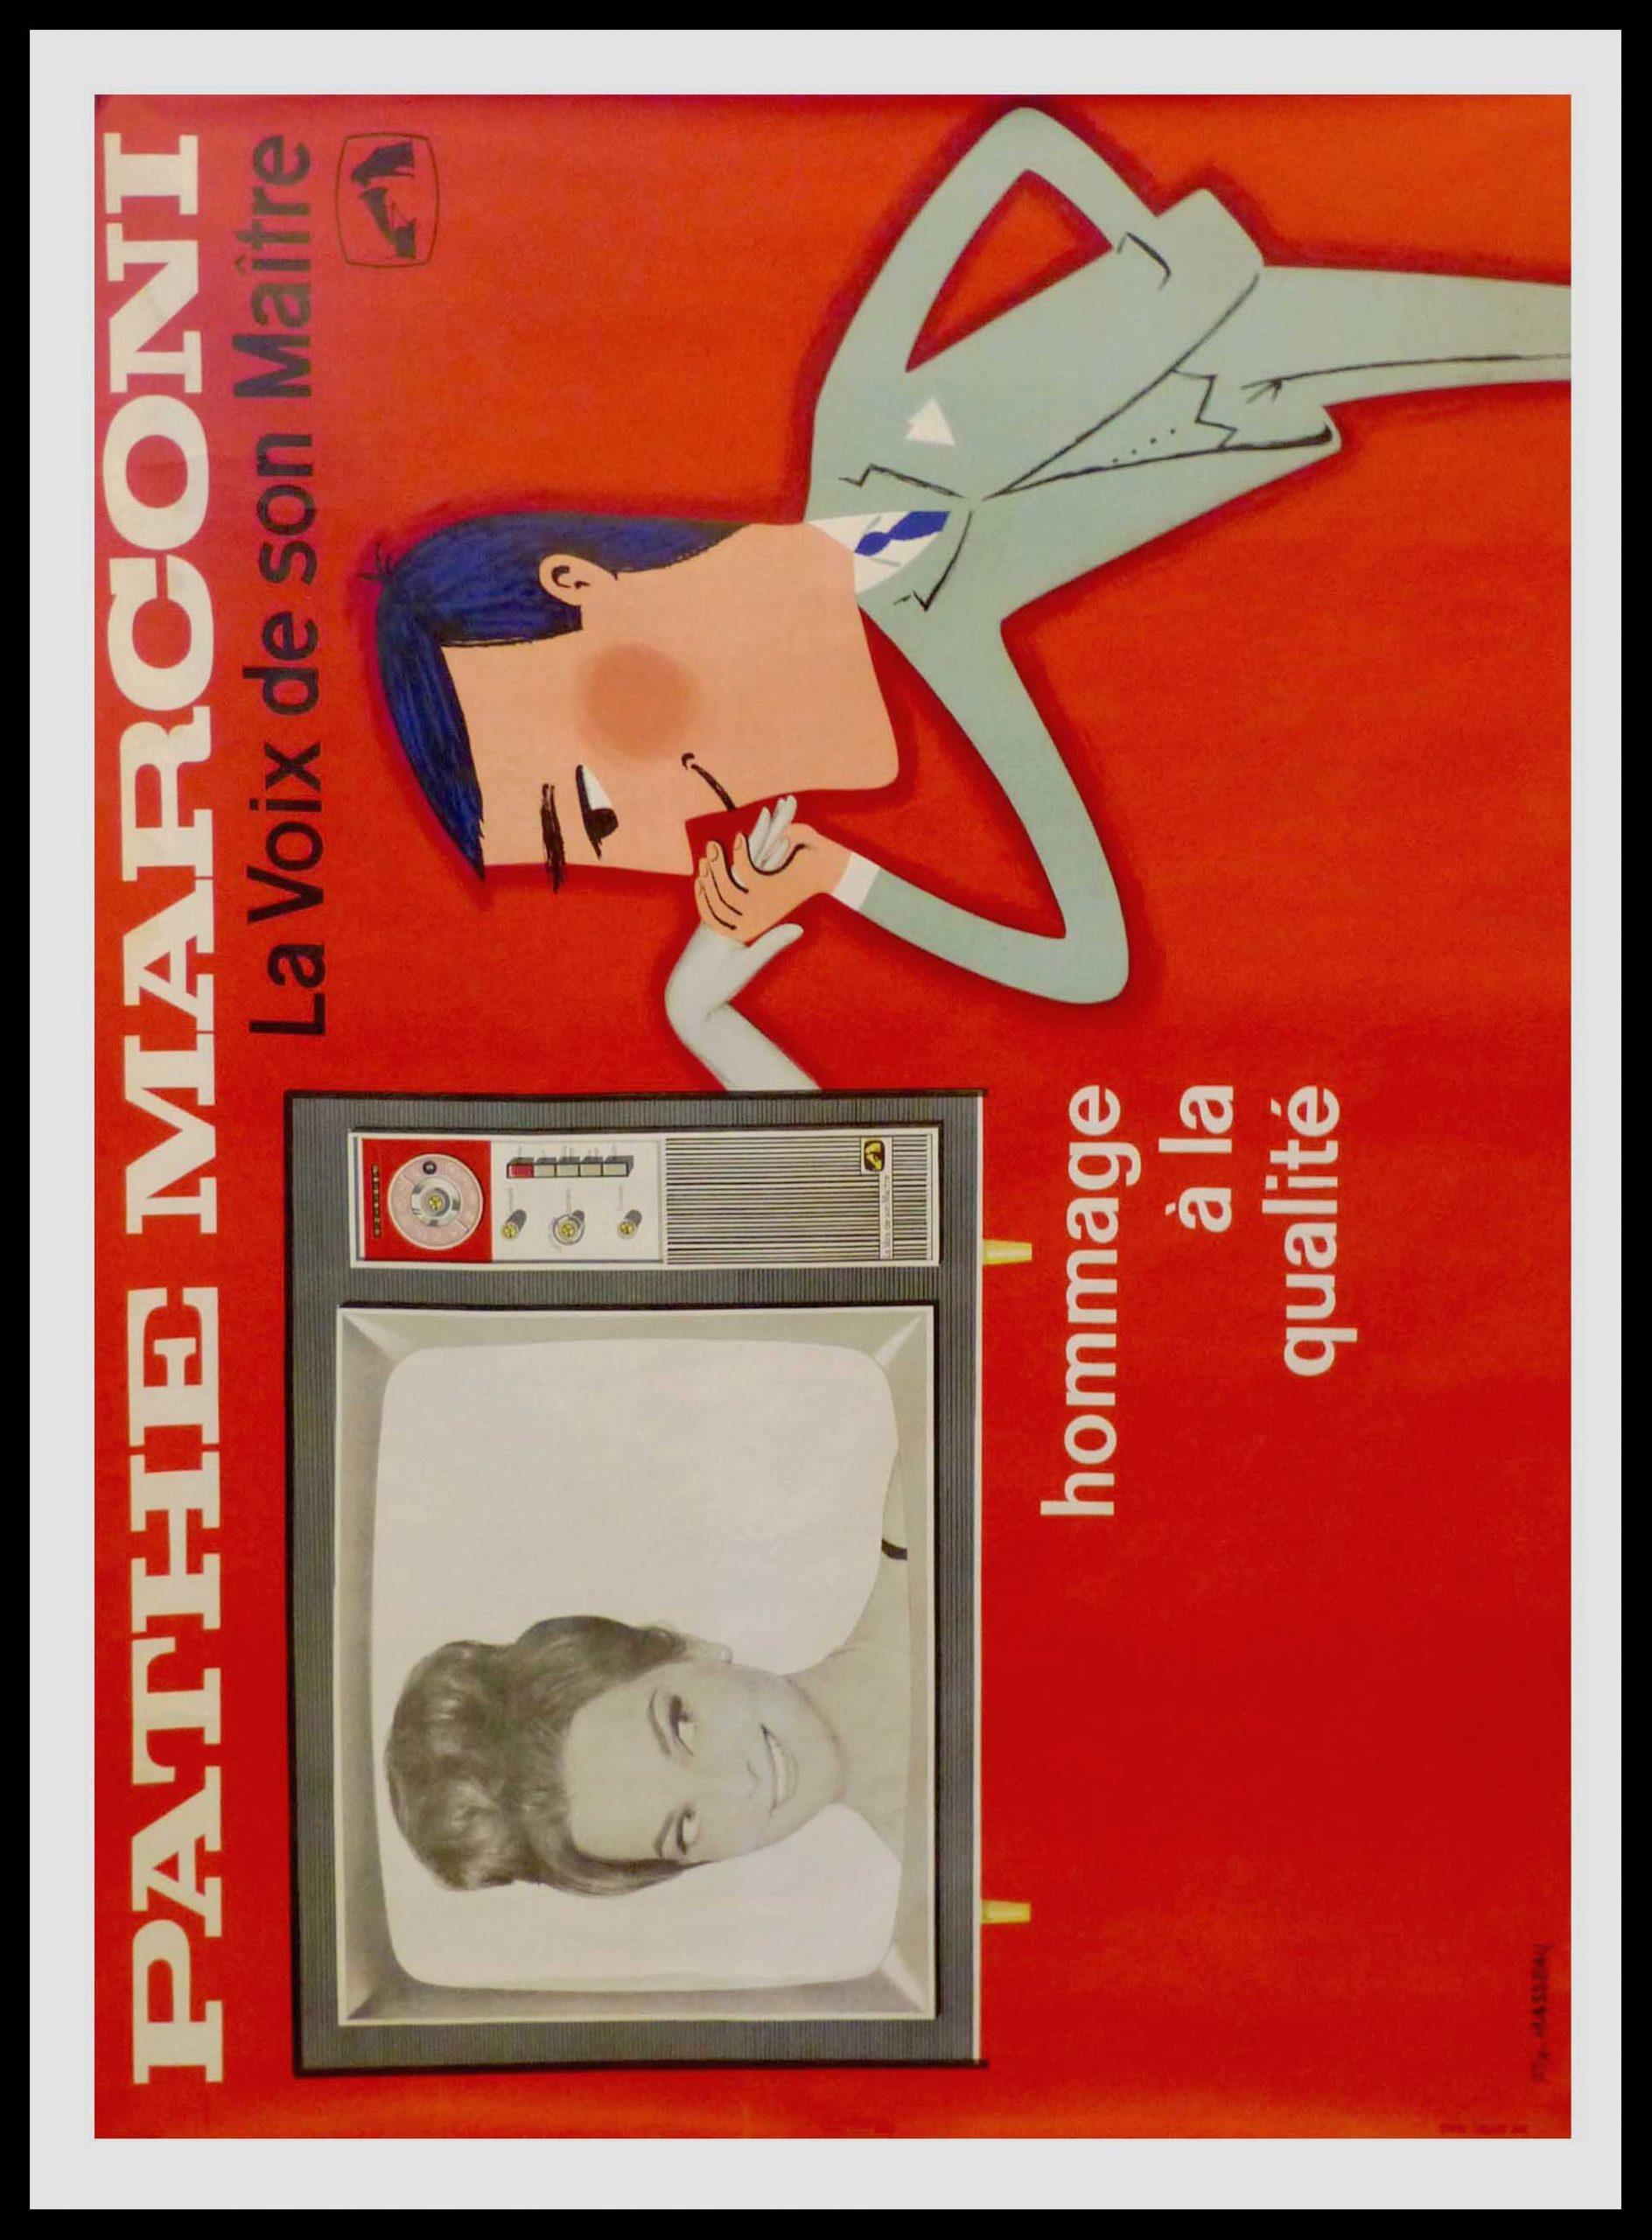 """(alt=""""original advertising poster Pathé Marconi la voix de son maître signed FIX MASSEAU 1950"""")"""